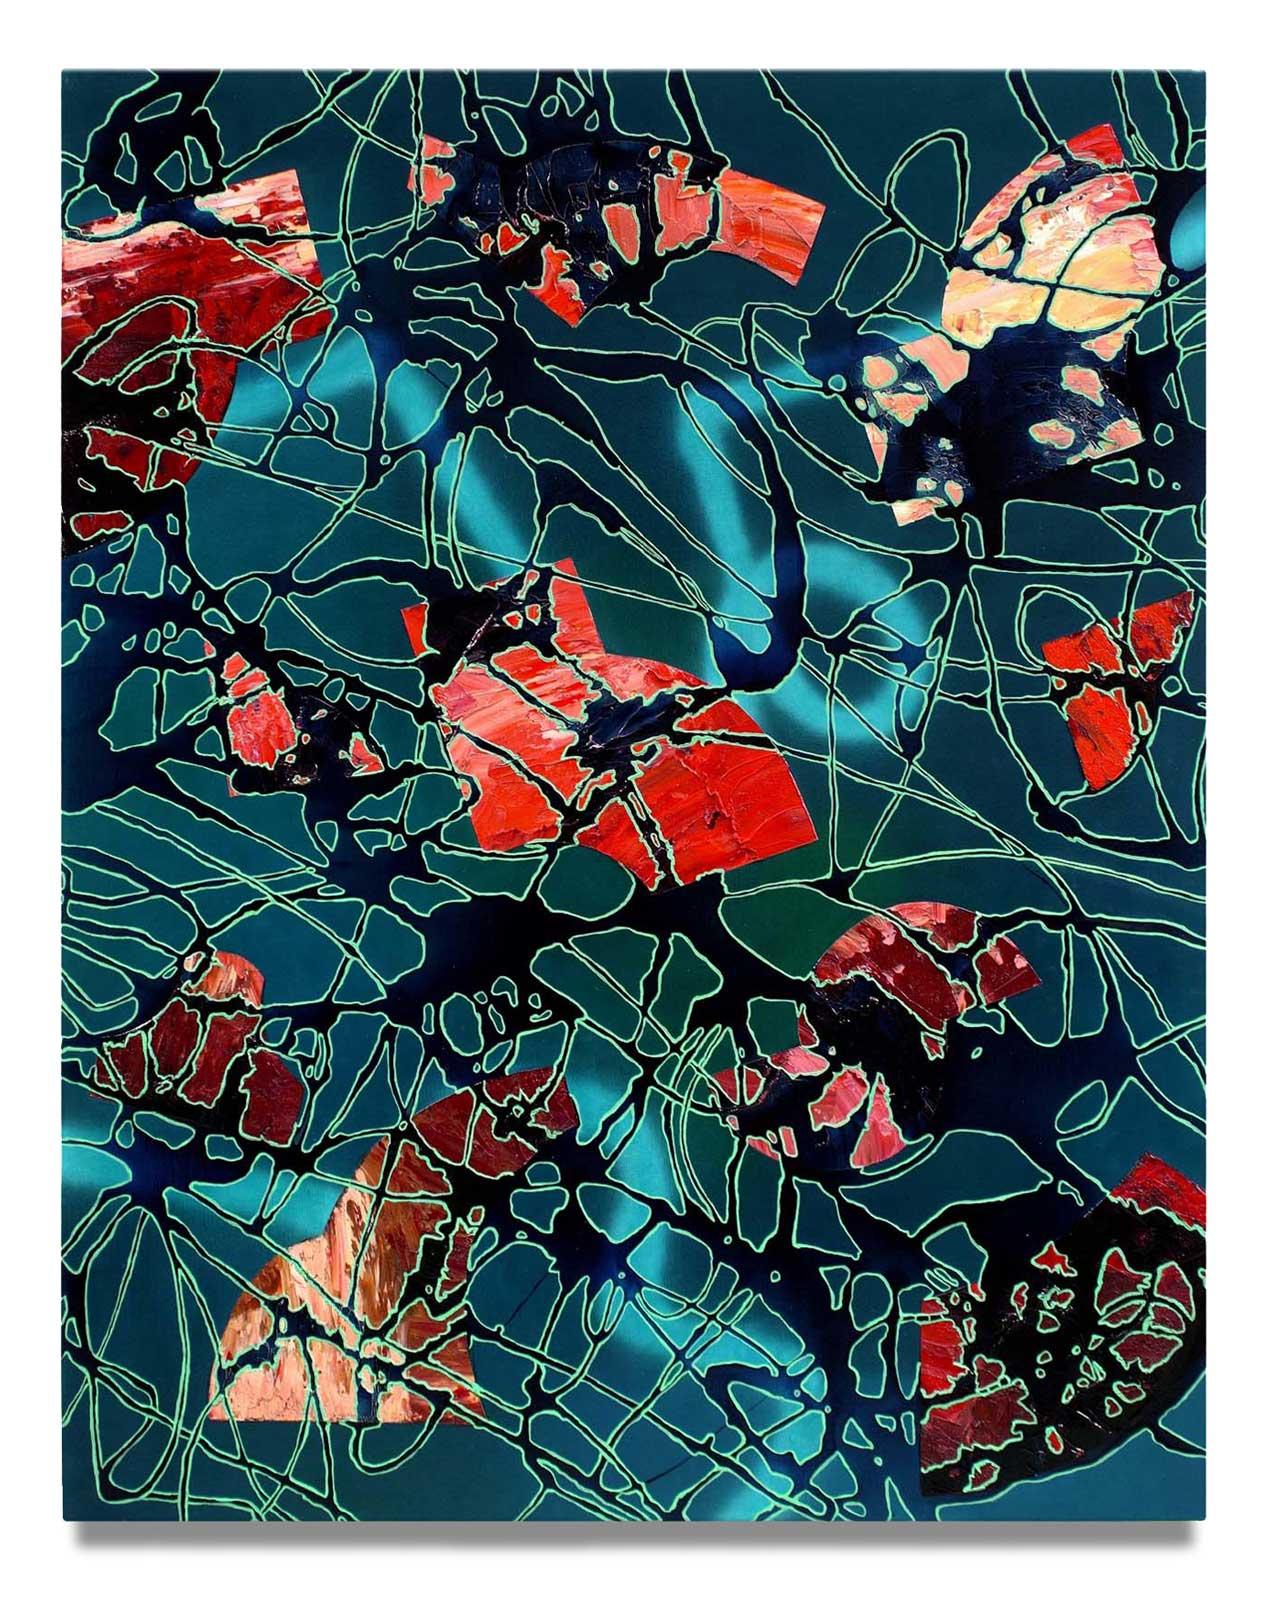 Through The Net - Oil on Canvas - 142.24 cm x 111.76 cm.